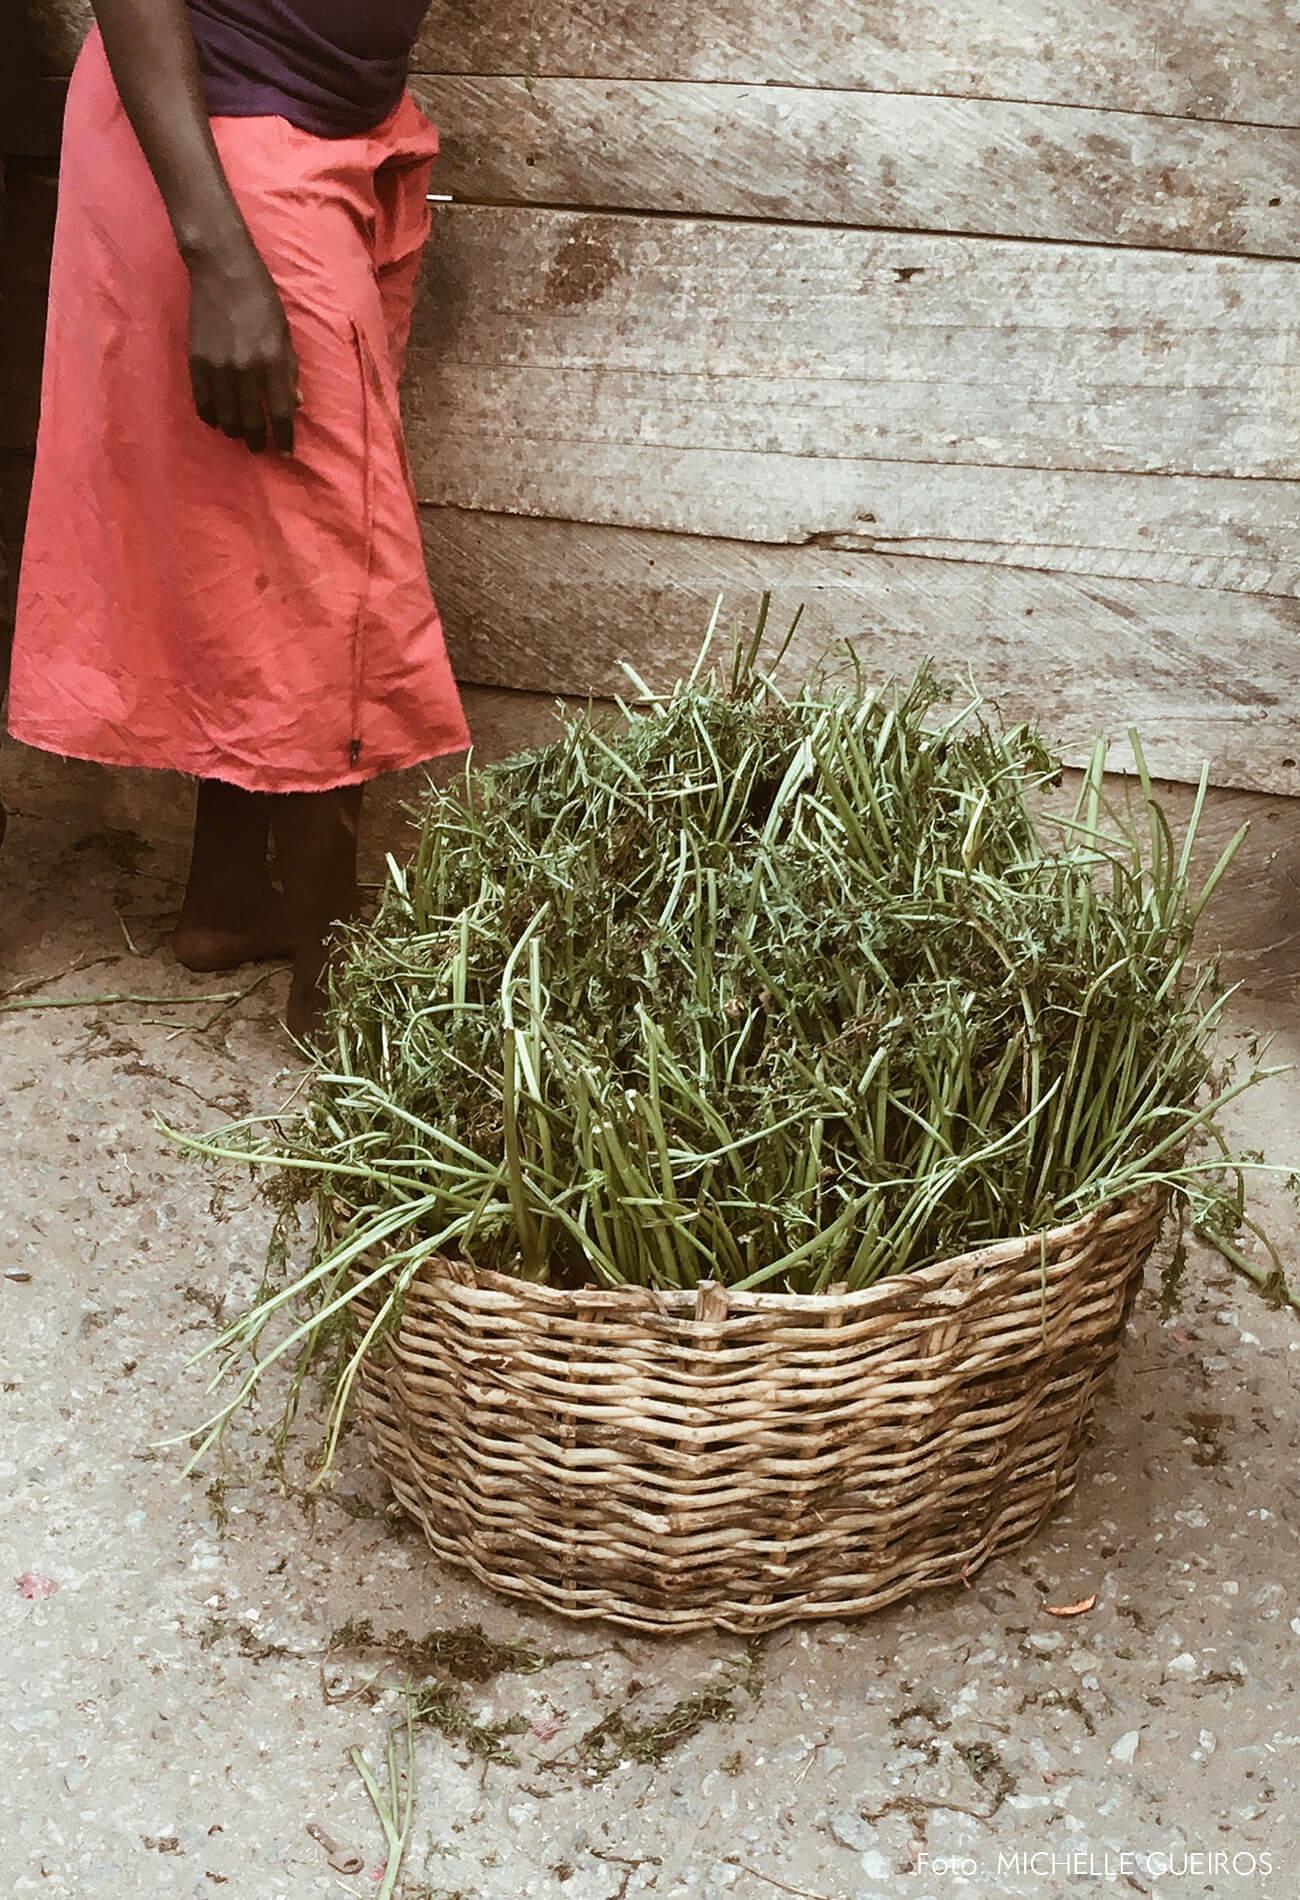 Gana viagem plantas em cesto